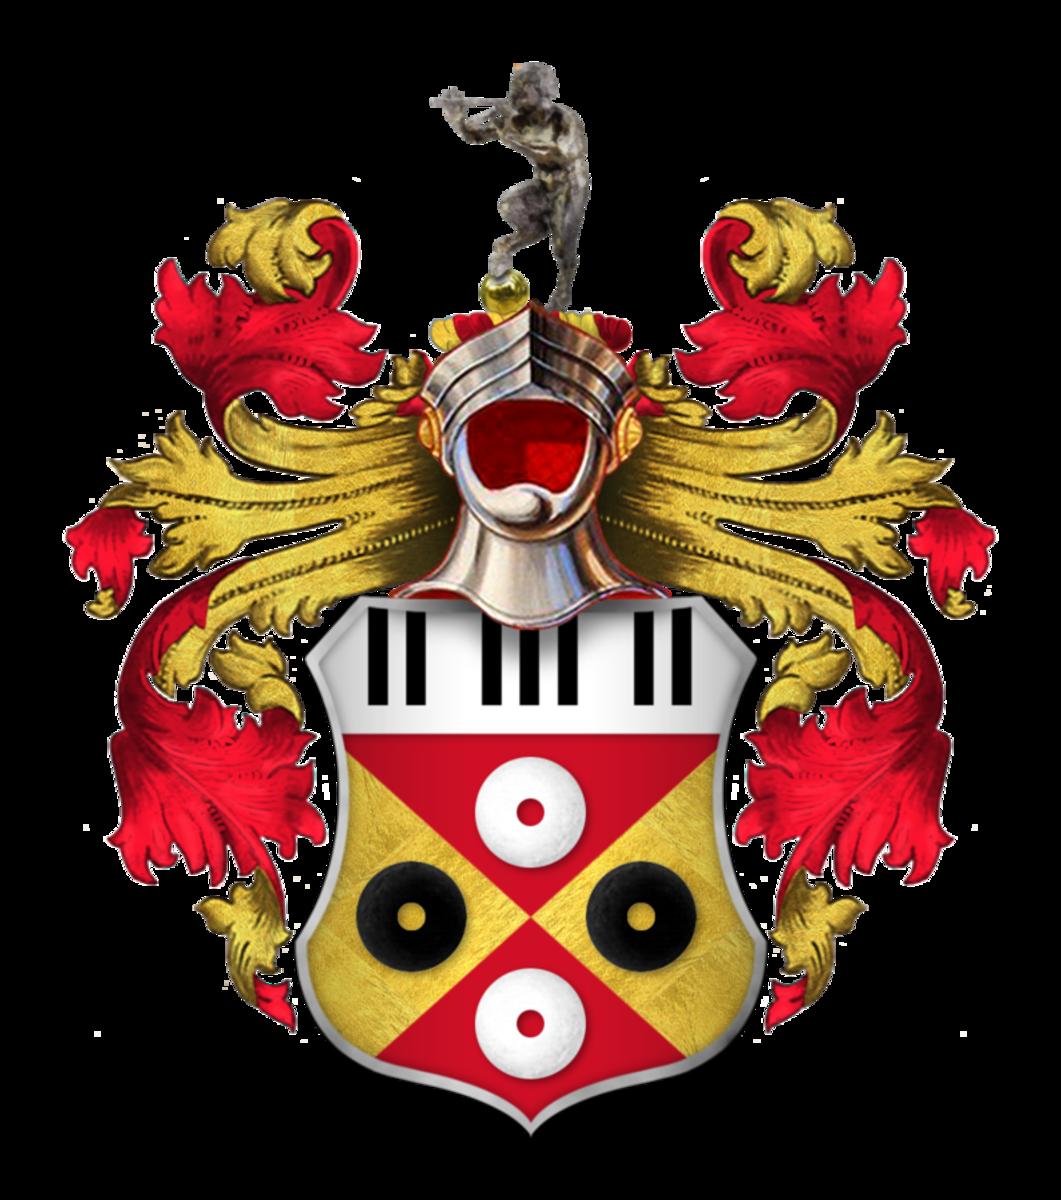 Sir Elton John's Coat of Arms